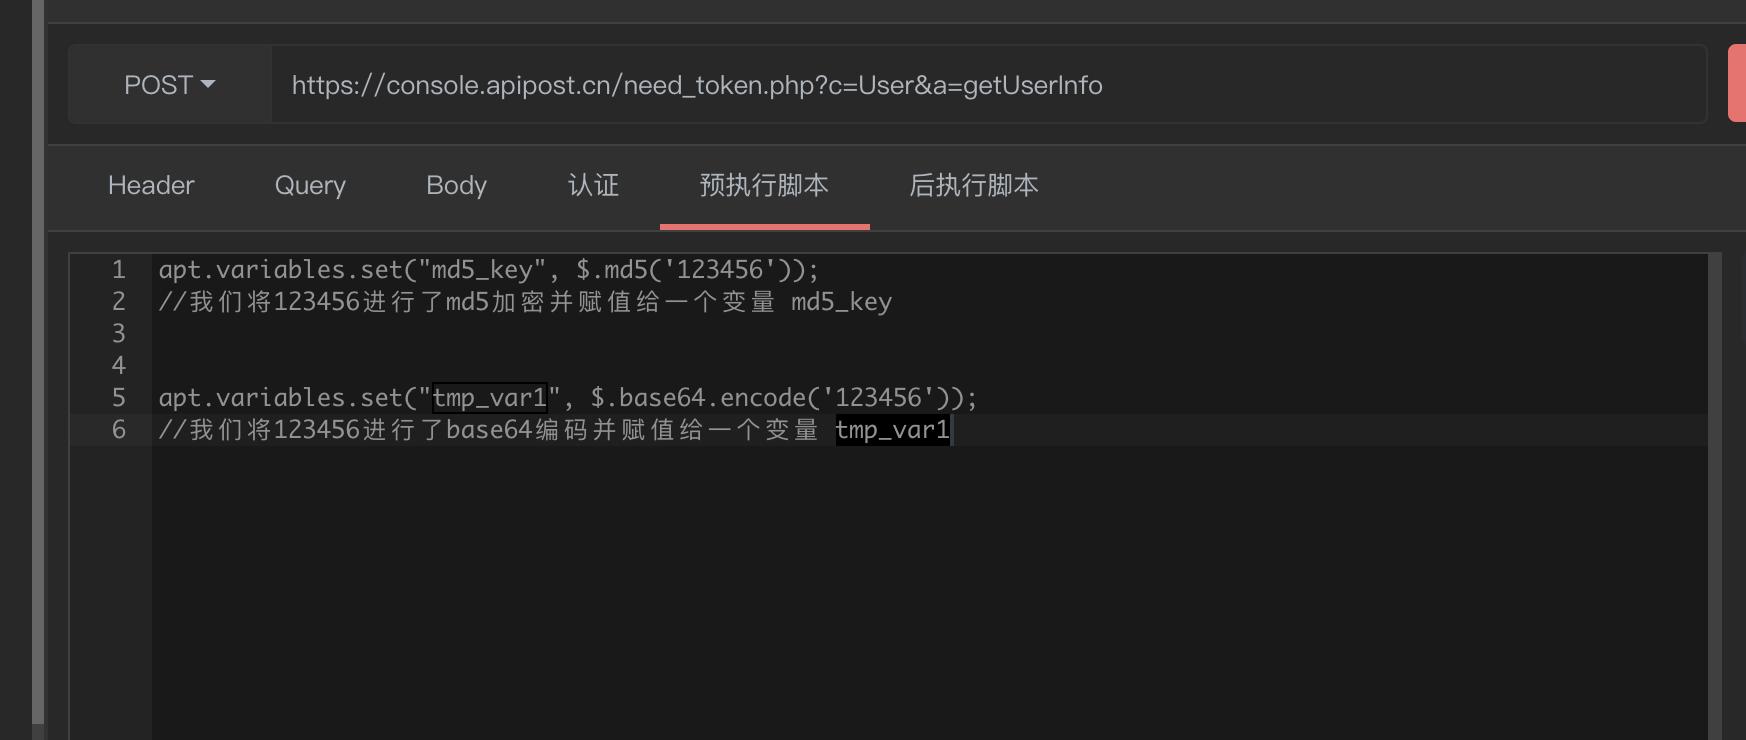 ApiPost V3 如何设置一个变量?